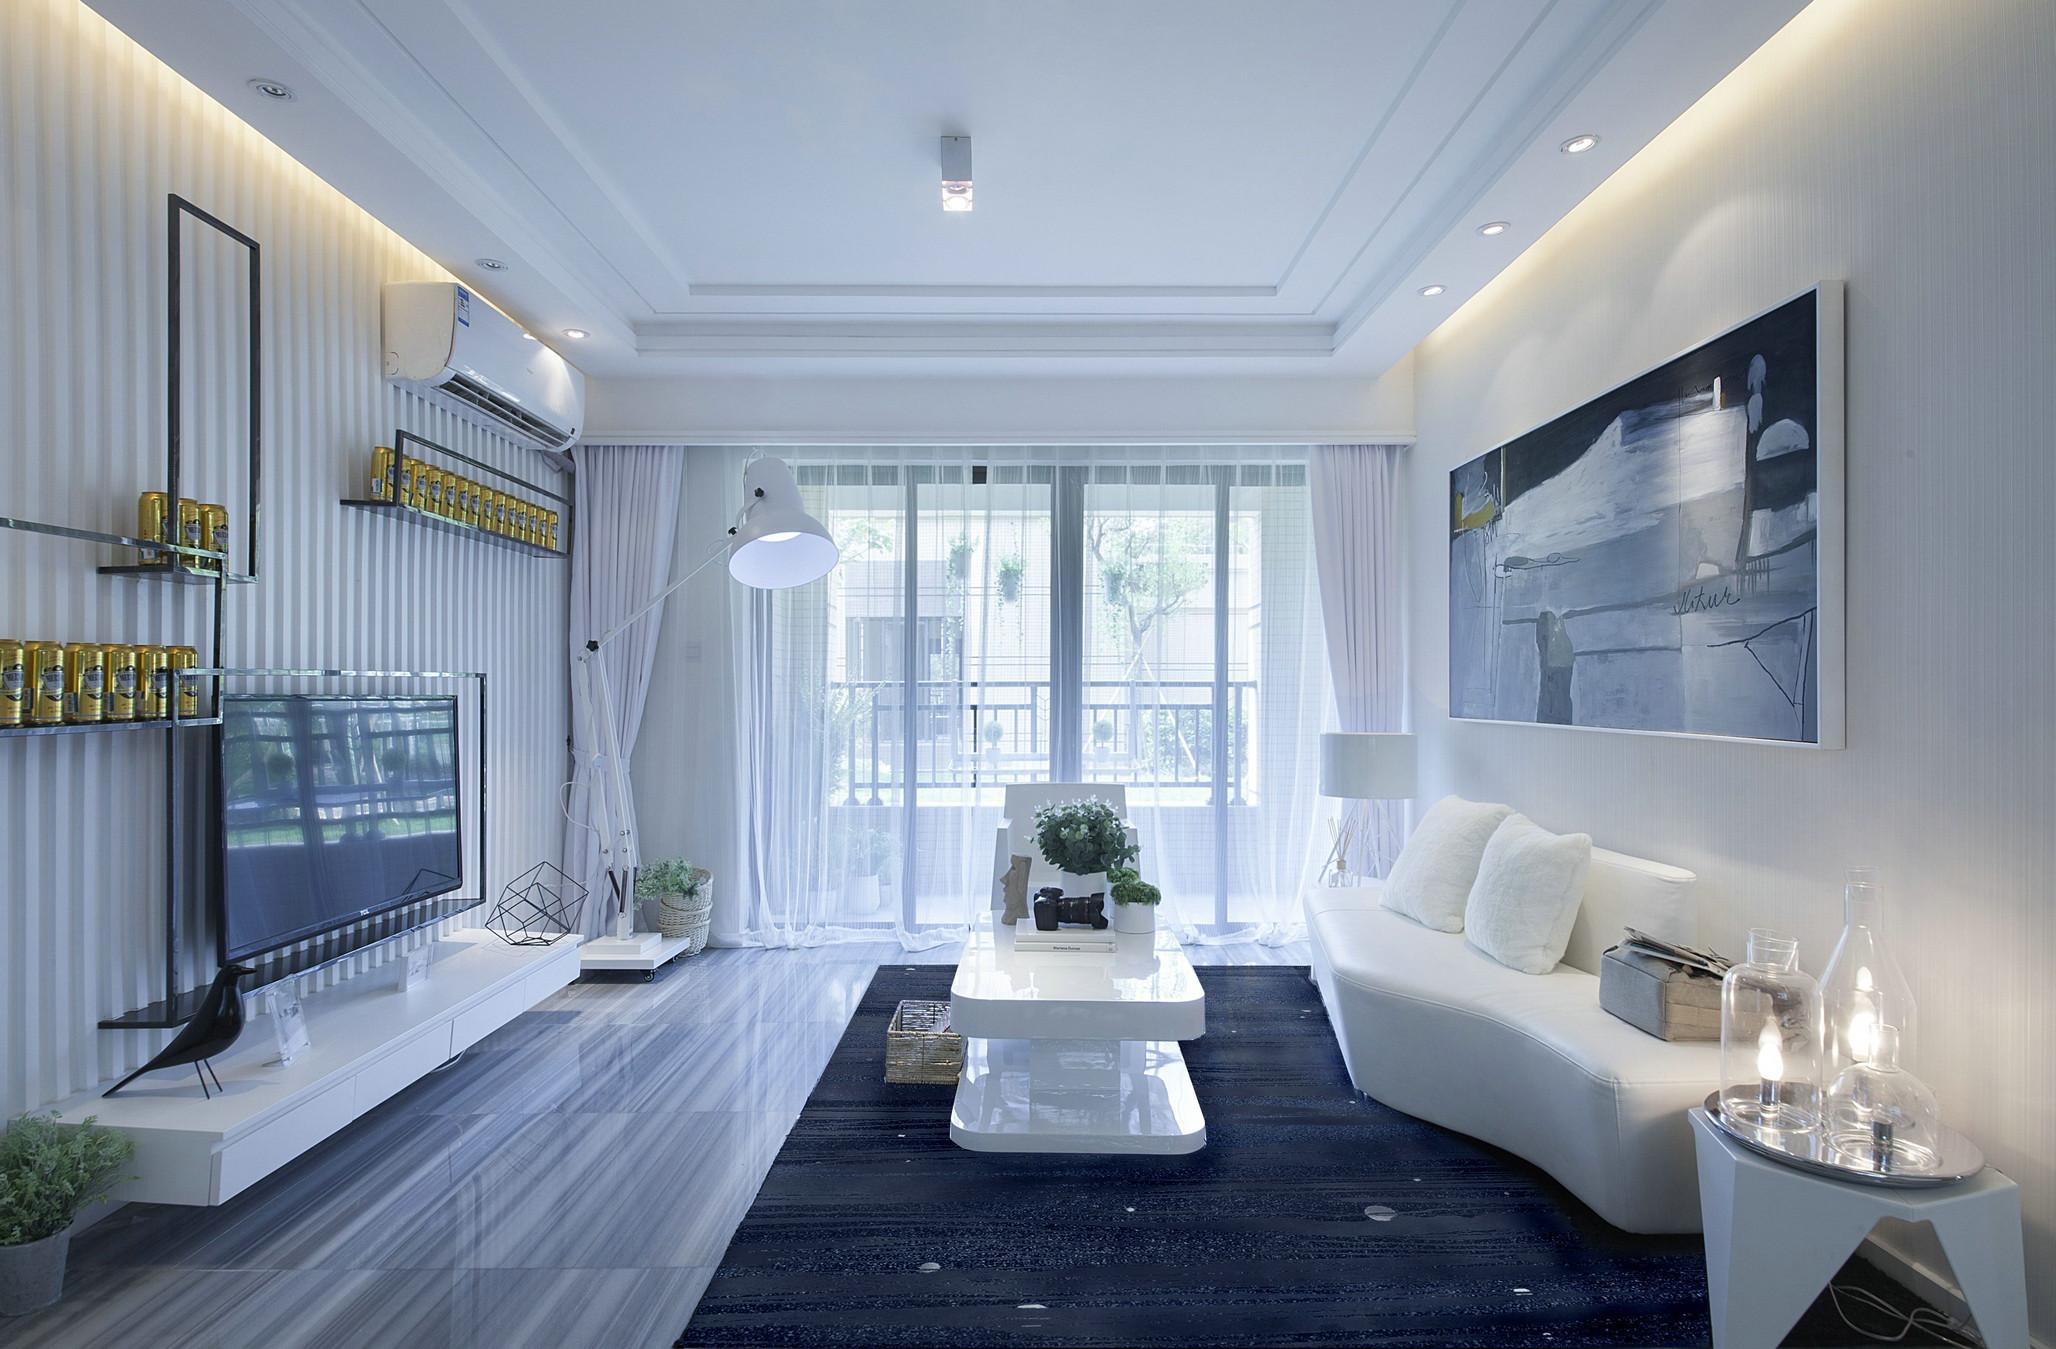 客廳空間以白色爲底蘊,白色皮質沙發時尚感強,搭配裝飾畫與照明燈具,空間溫馨十足。